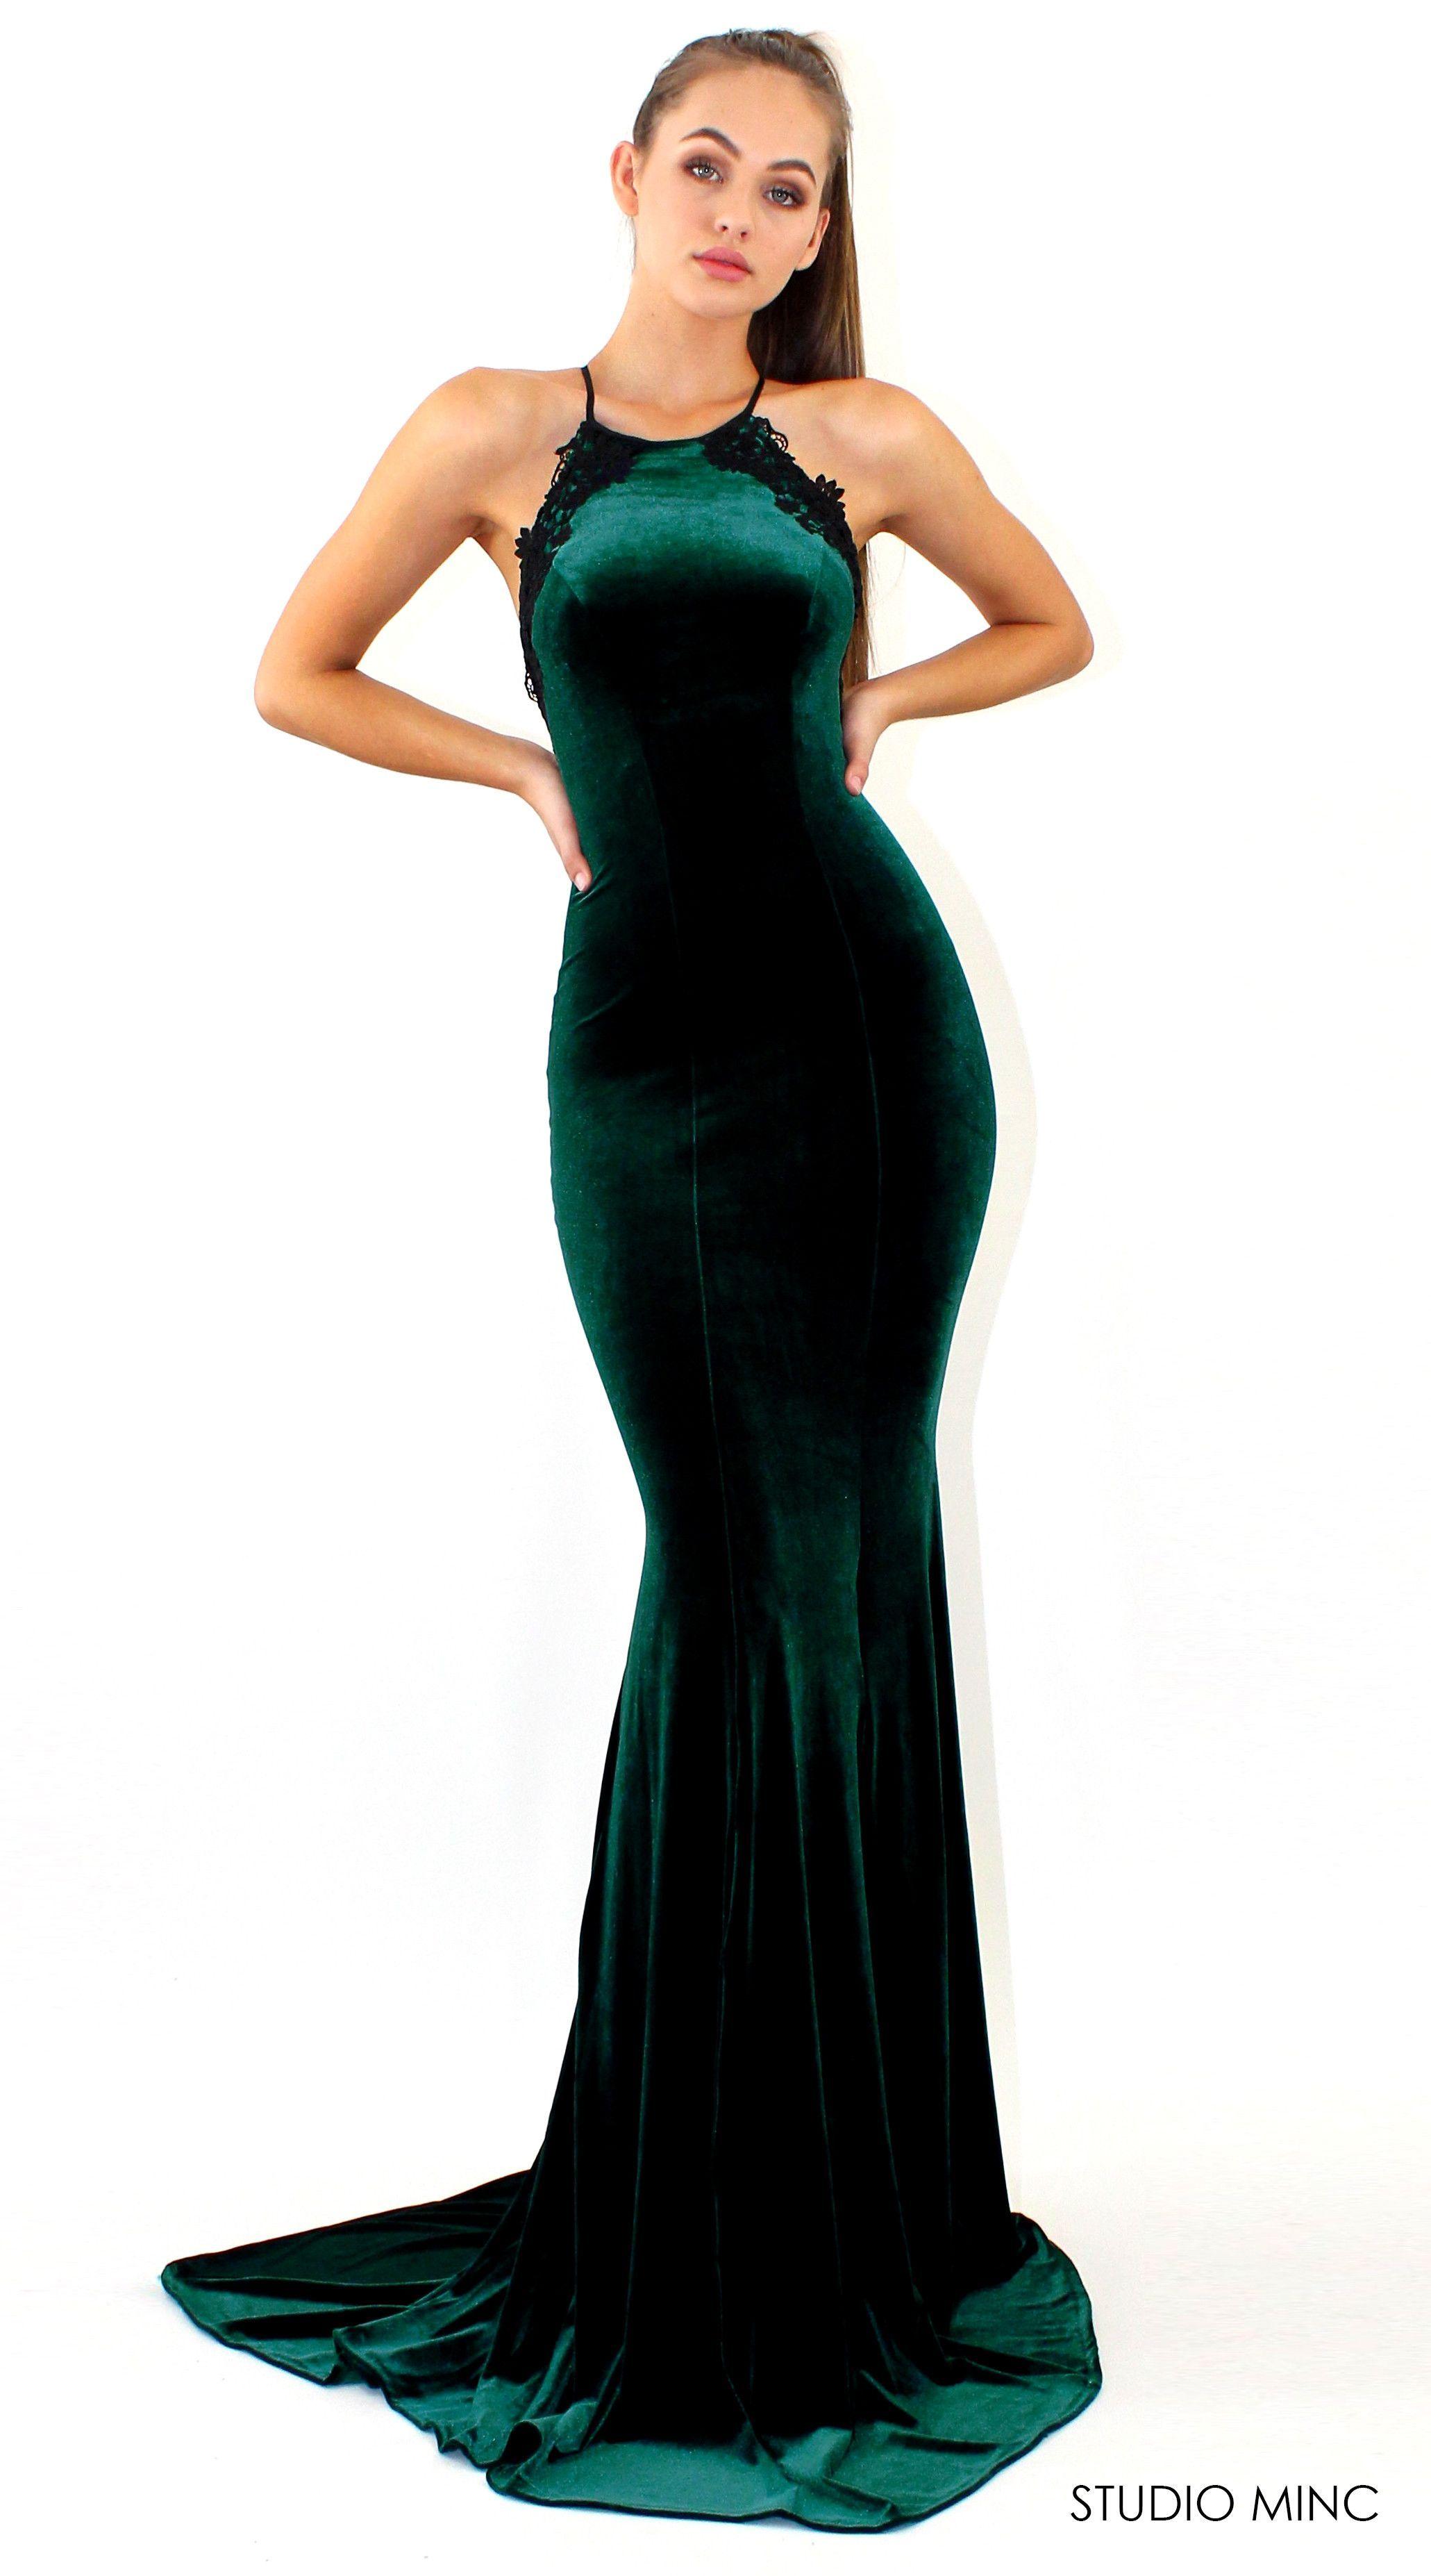 Emerald green prom dress  EMERALD GREEN PROMISE DRESS  VELVET FORMAL  PROM DRESS BY